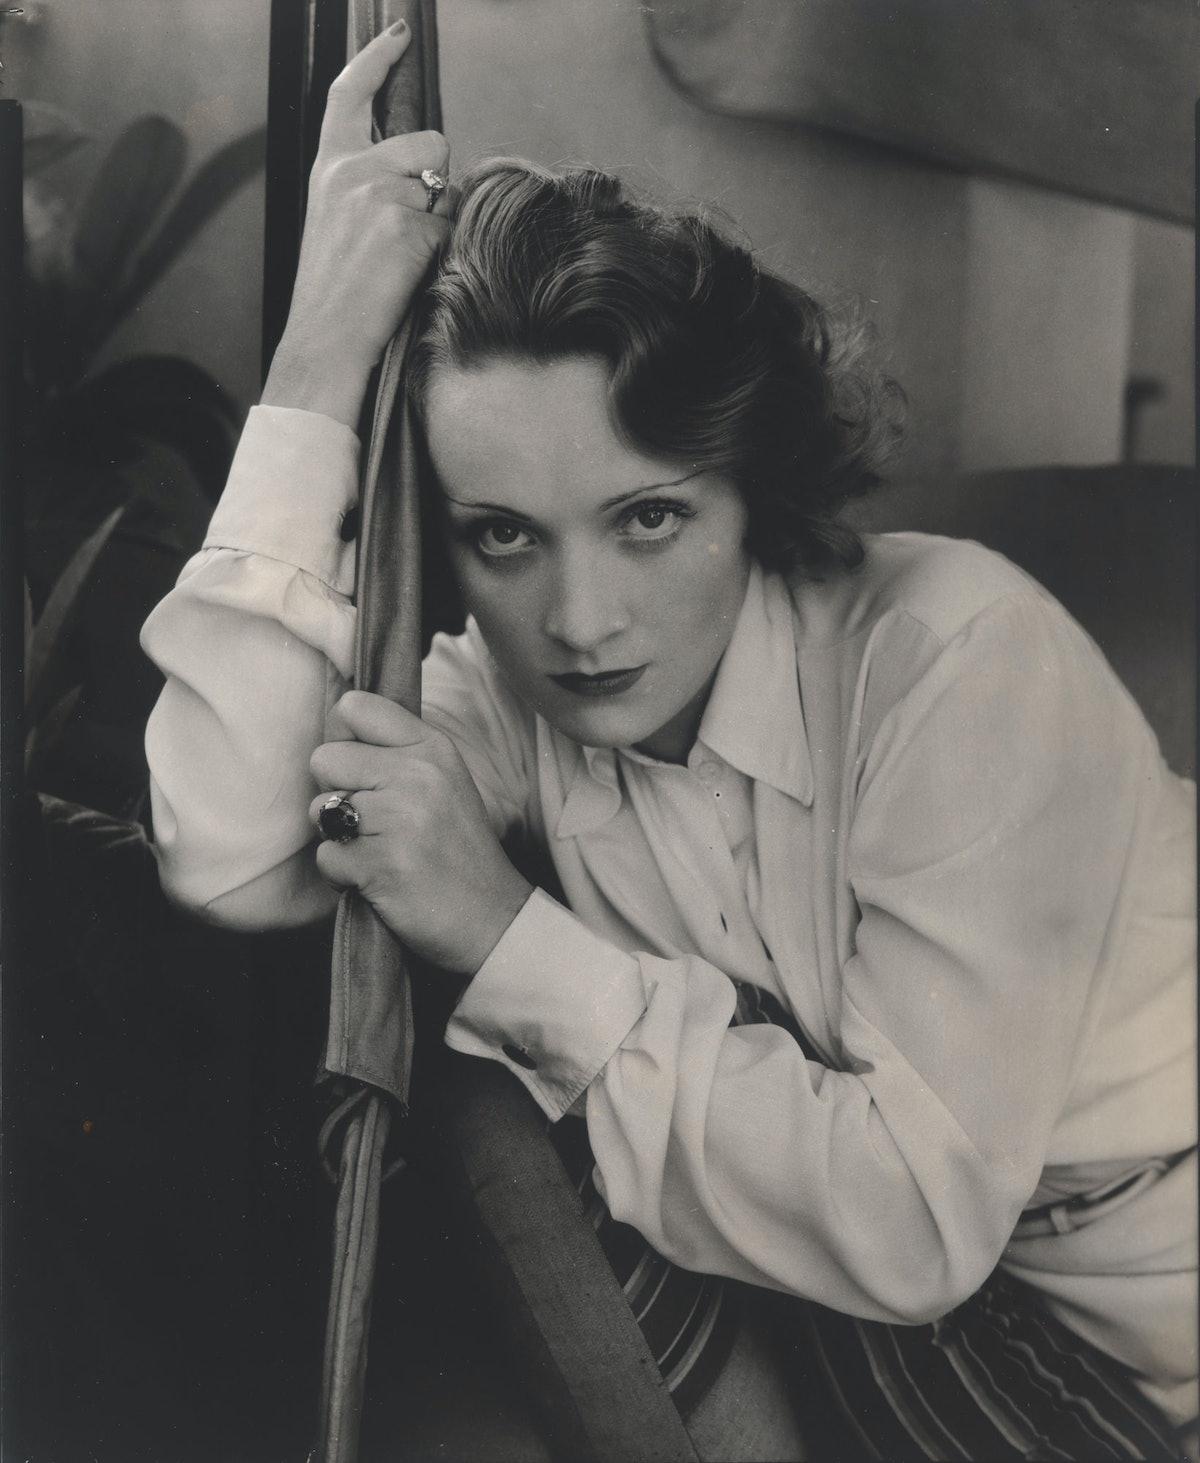 Edward Steichen, *Marlene Dietrich*, (1931). Whitney Museum of American Art, New York; Steichen/Vanity Fair; © Condé Nast.